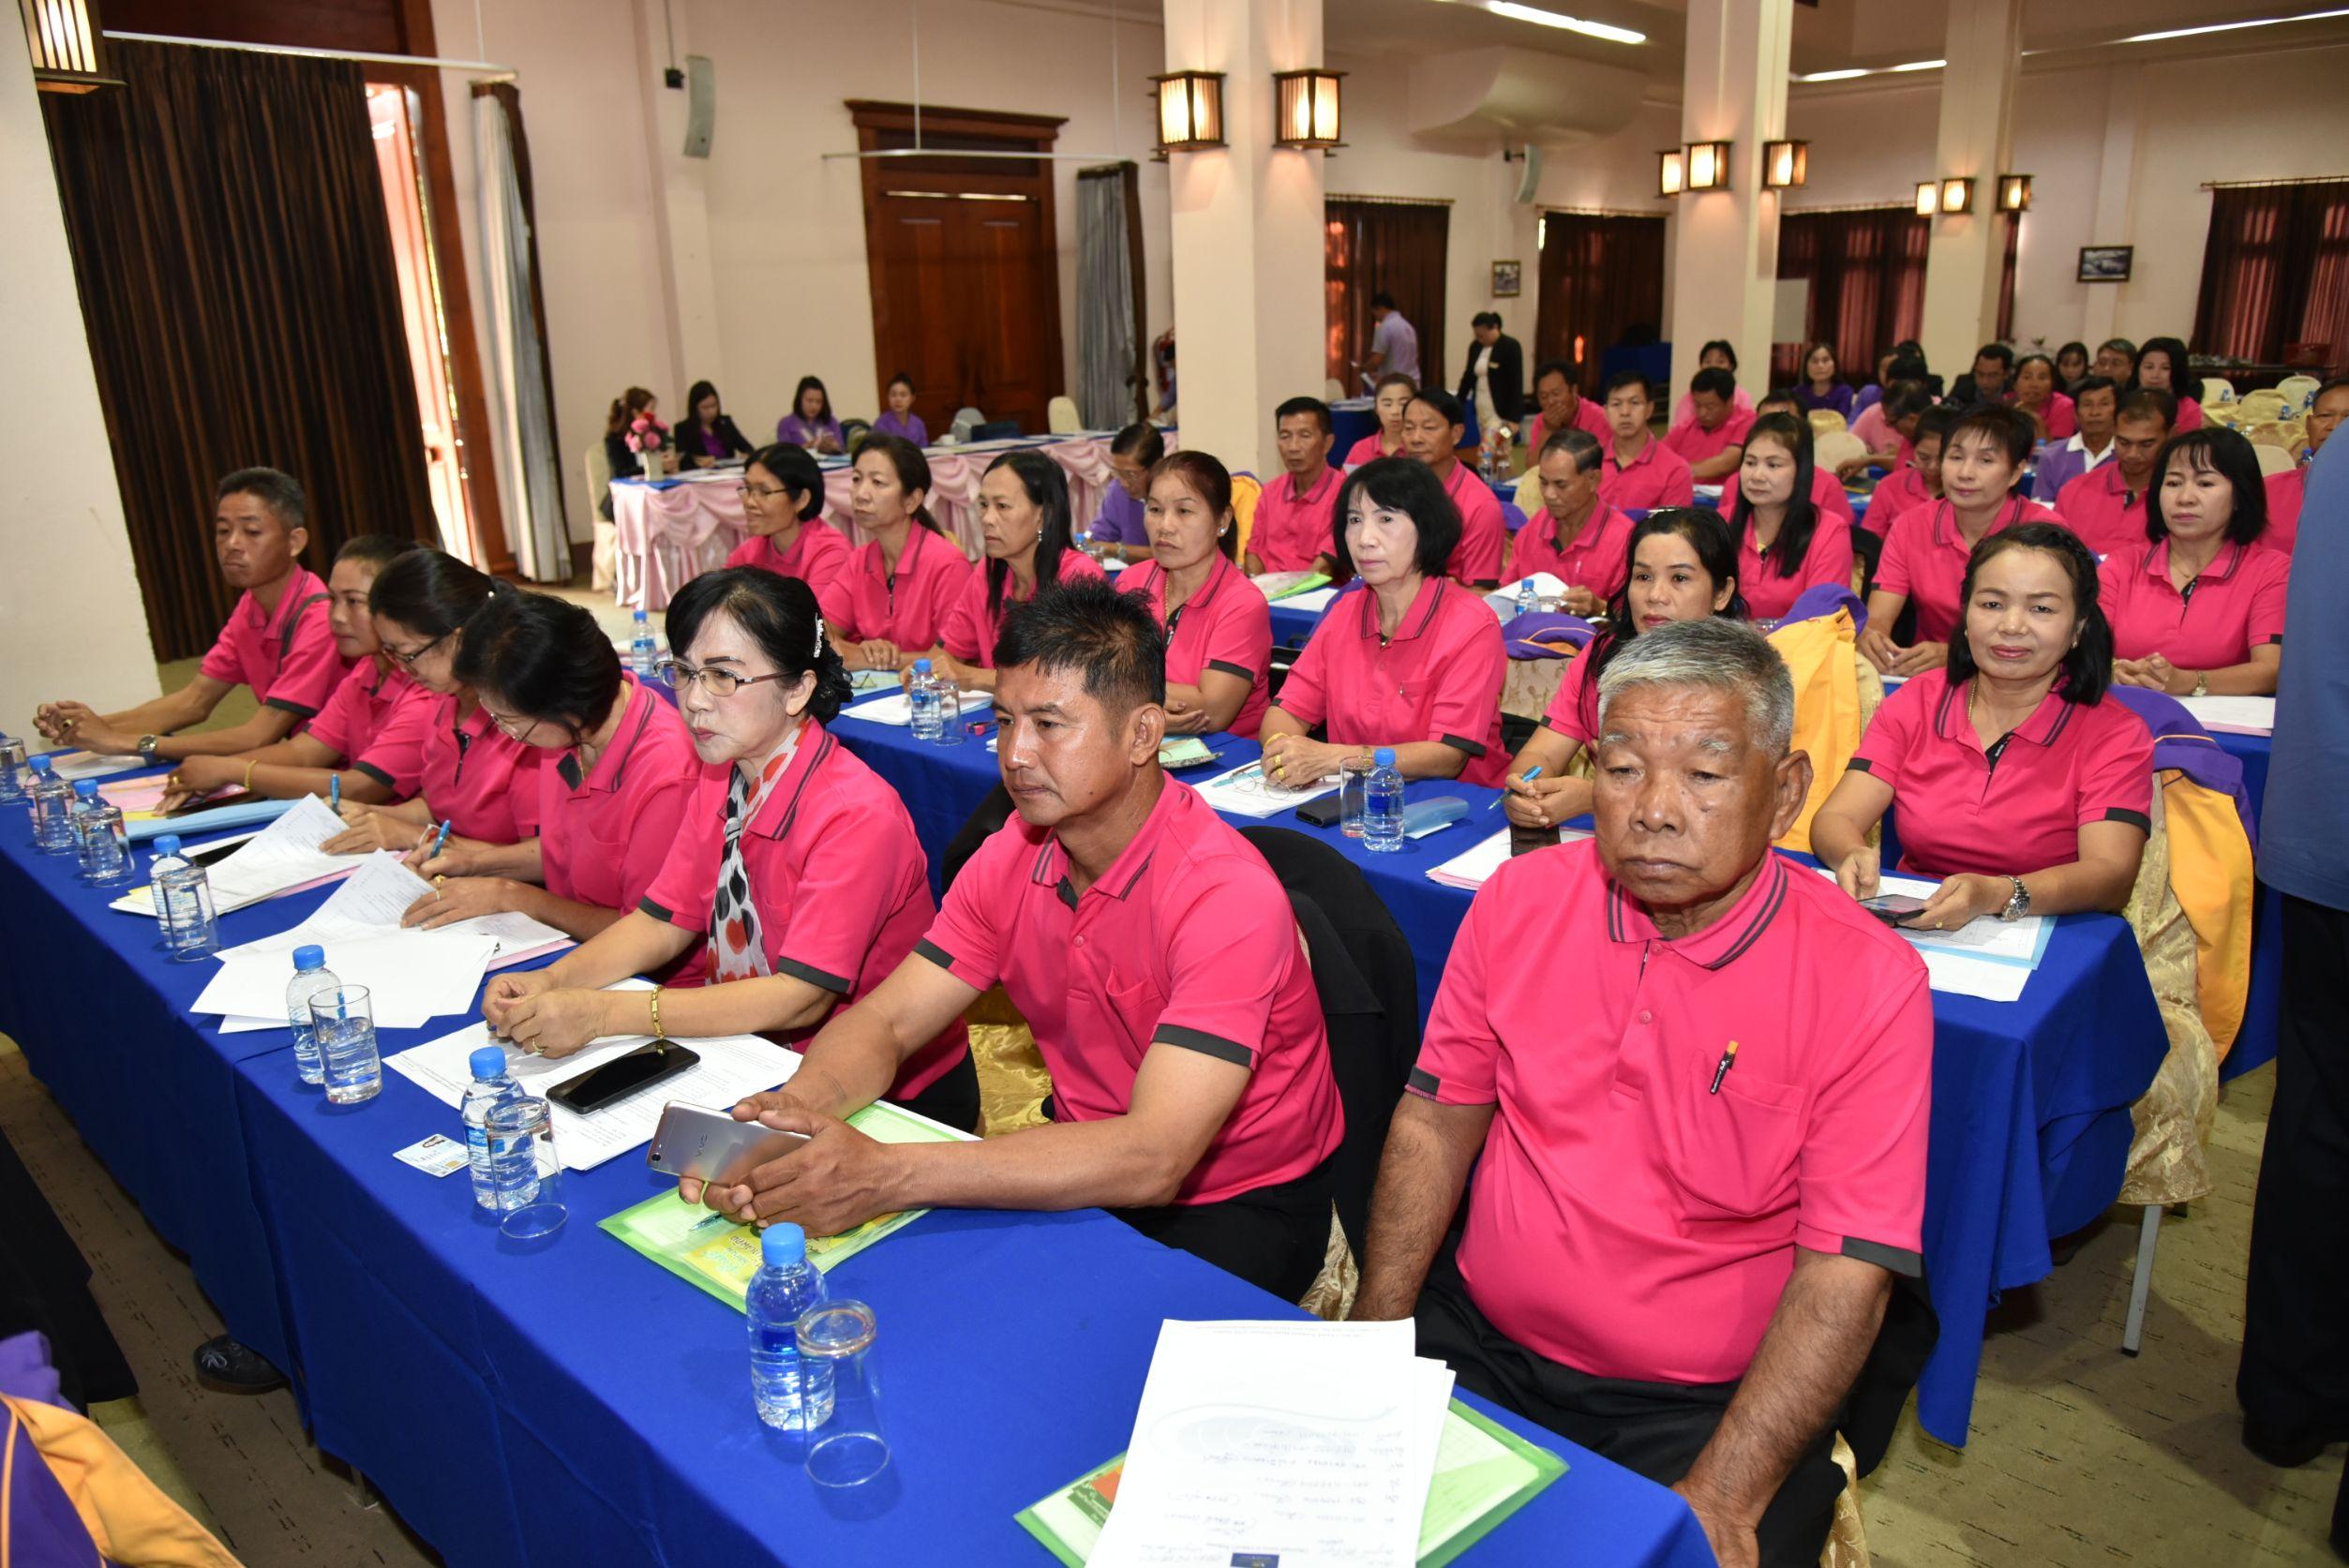 ที่ปรึกษารัฐมนตรี เปิดโครงการอบรมอาสาสมัครแรงงานต้านภัยยาเสพติด และการปฏิบัติงานด้านอาสาสมัครแรงงาน ประจำปีงบประมาณ พ.ศ. 2563